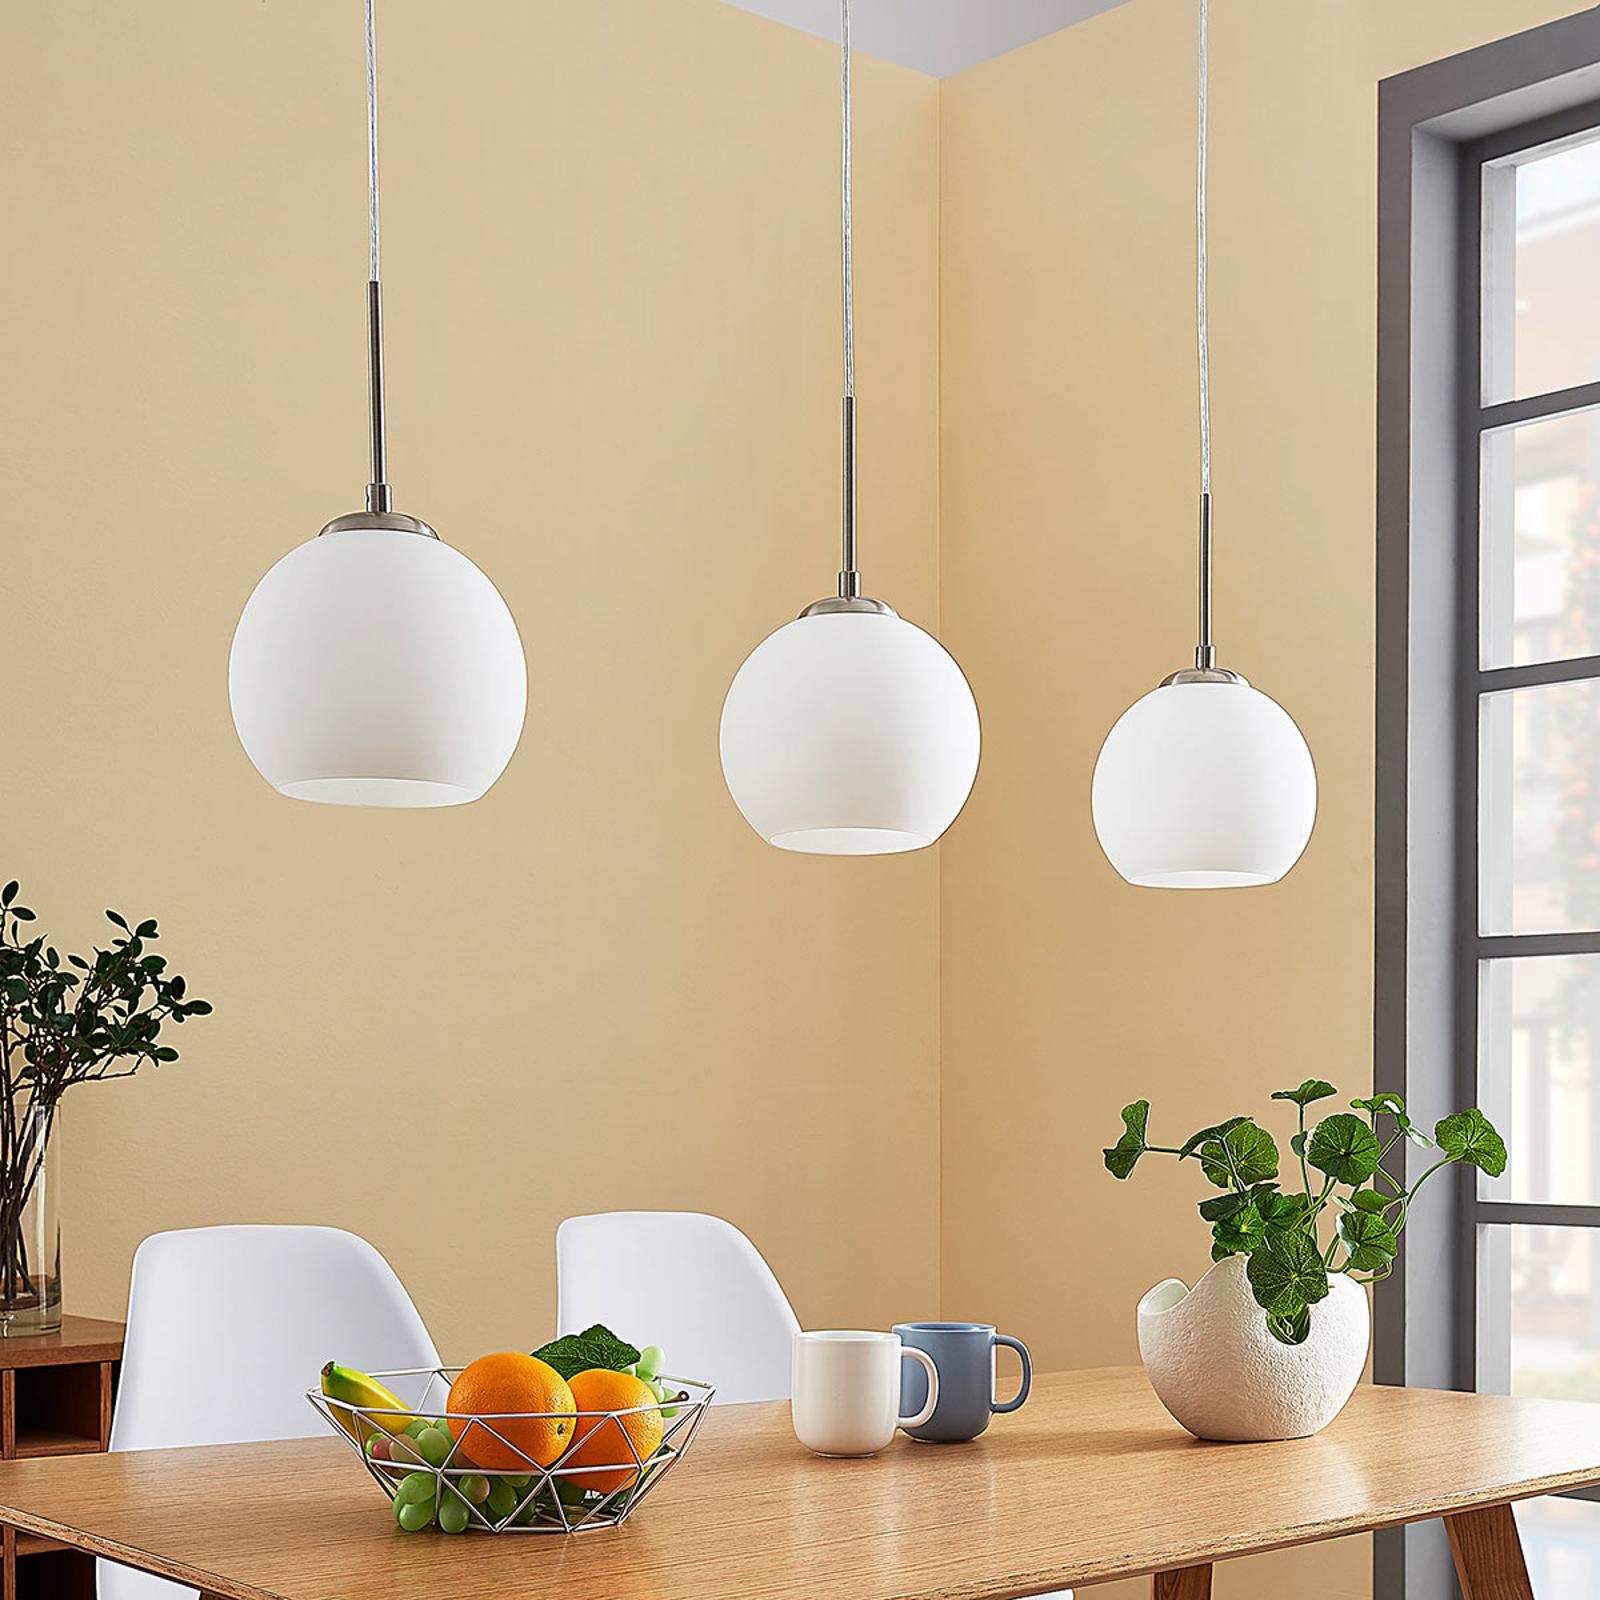 Glazen hanglamp Eloy met drie lampen